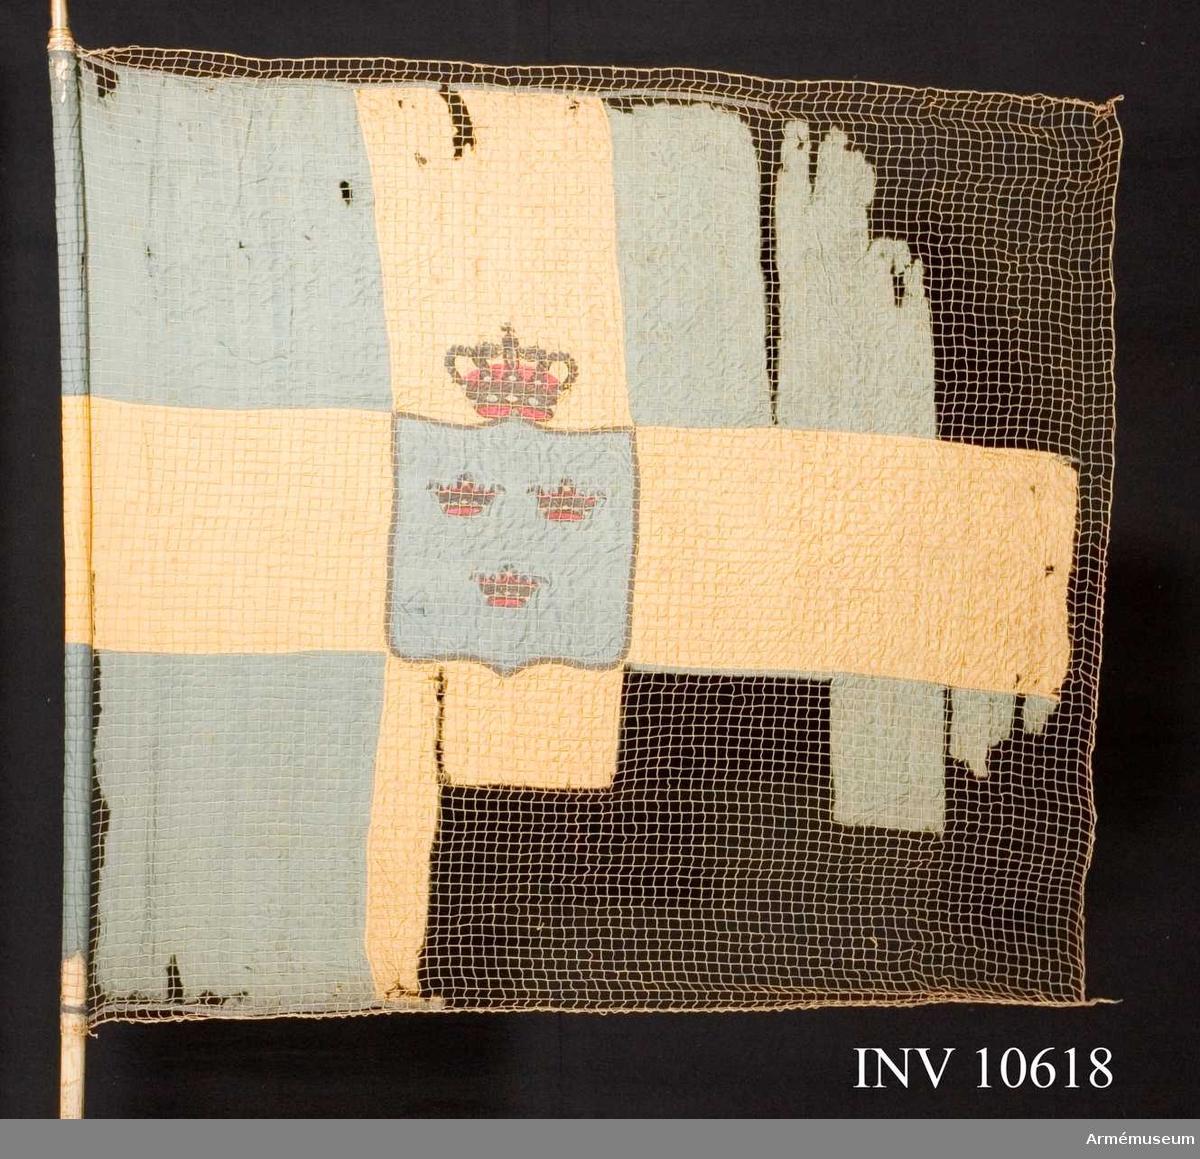 """Grupp B.  Duken blå och gul med vapnet """"tre kronor"""" i mittenfältet. Stång, holk och kravatt tillhör denna fana."""